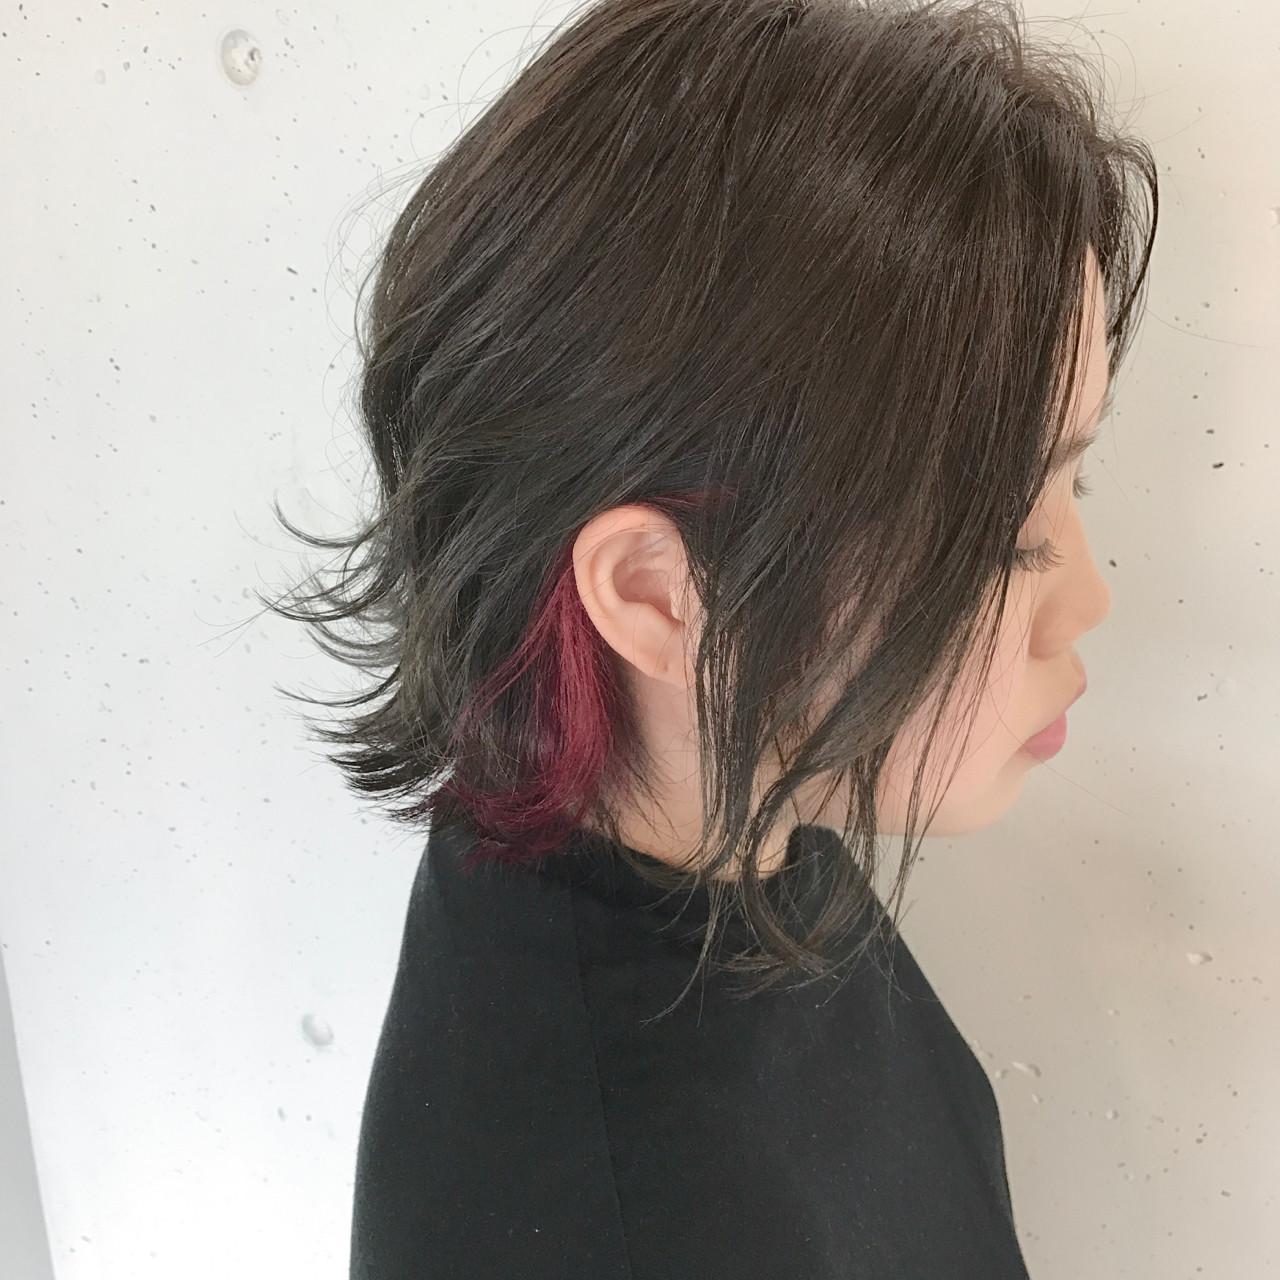 【耳にかけて魅せる!チラ見せインナーレッドピンクカラー!!!】 ・ 全体は暗めにしつつも透け感が出るように、赤味を消しつつくすませていくオリーブグレージュカラーで!!! ・ もみあげ部分のみにレッドピンクを入れて、耳にかけた時に見えるぐらいのさりげなさを!!! ・ ・ ・ cut  ¥4860 color  ¥7344〜 cutcolor(ポイントカラー)  ¥17000〜 ・ ・ ・ sowi  長谷川聖太